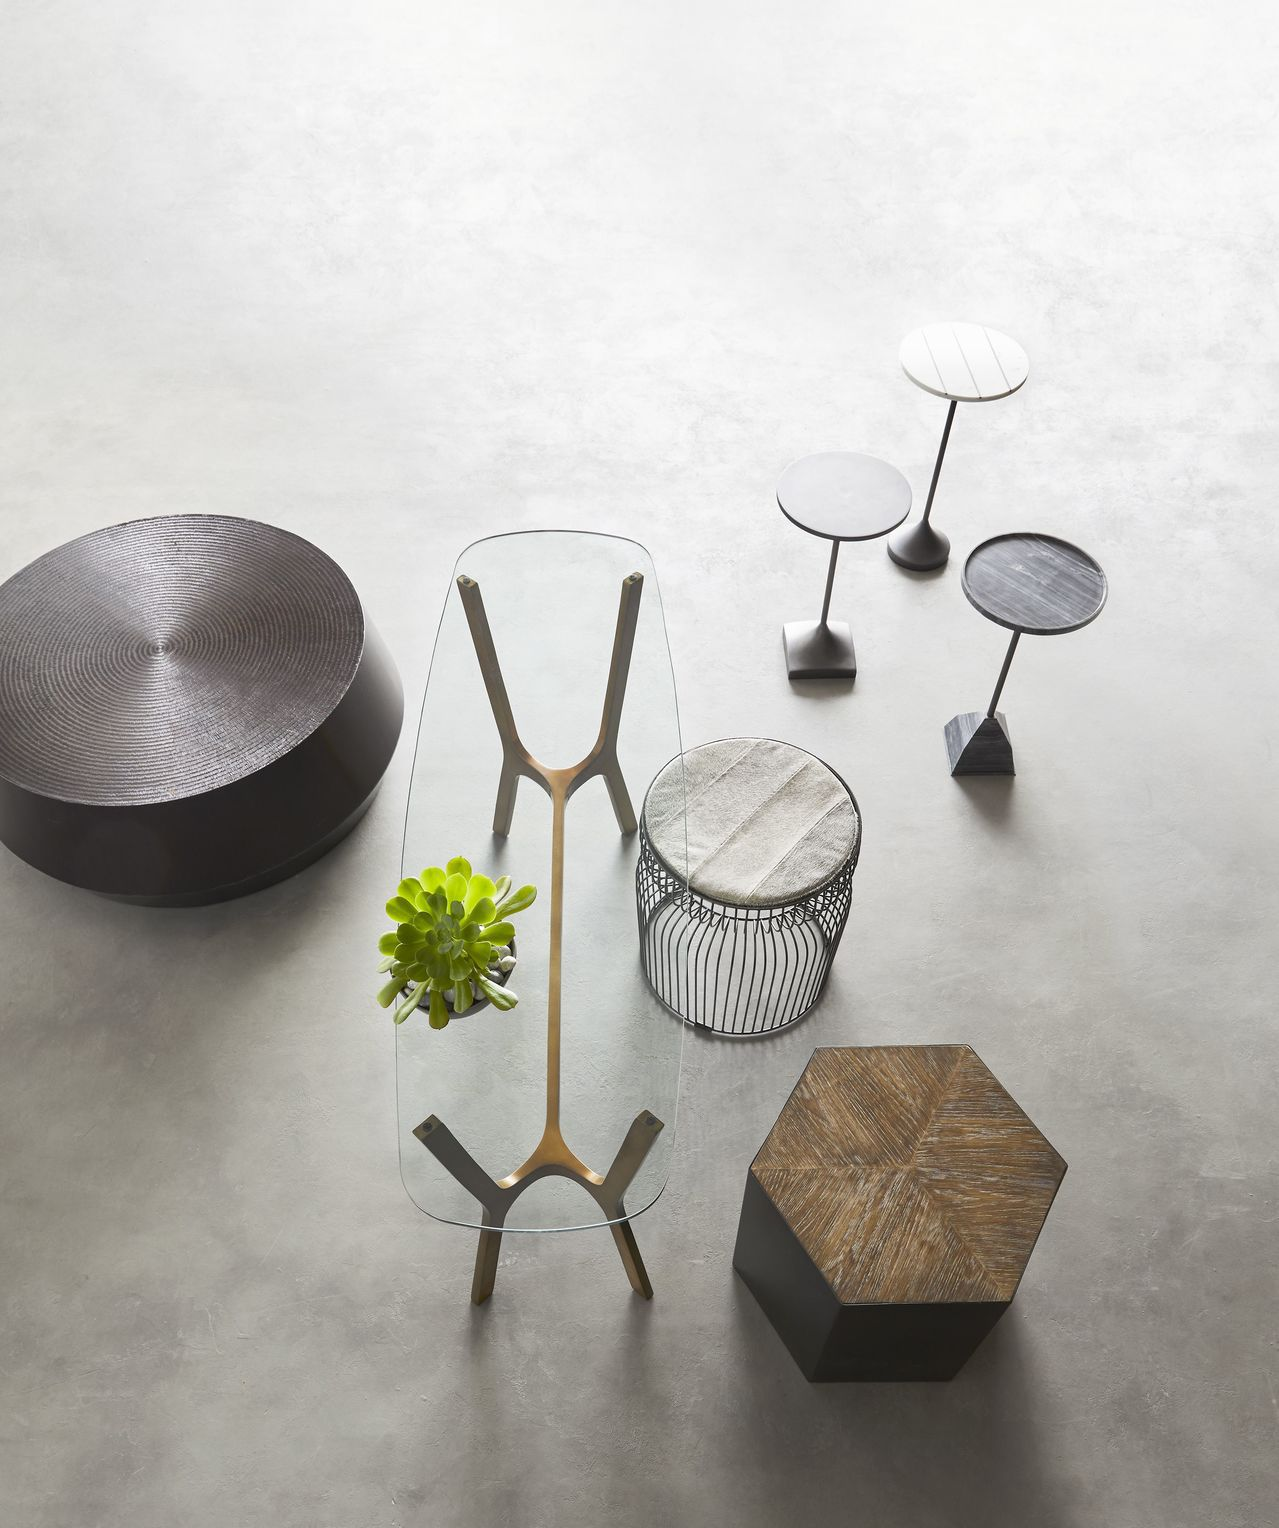 穿透性佳的玻璃桌面或金屬線材的桌、椅腳,可有效增加地板可視面積。圖/Crate ...